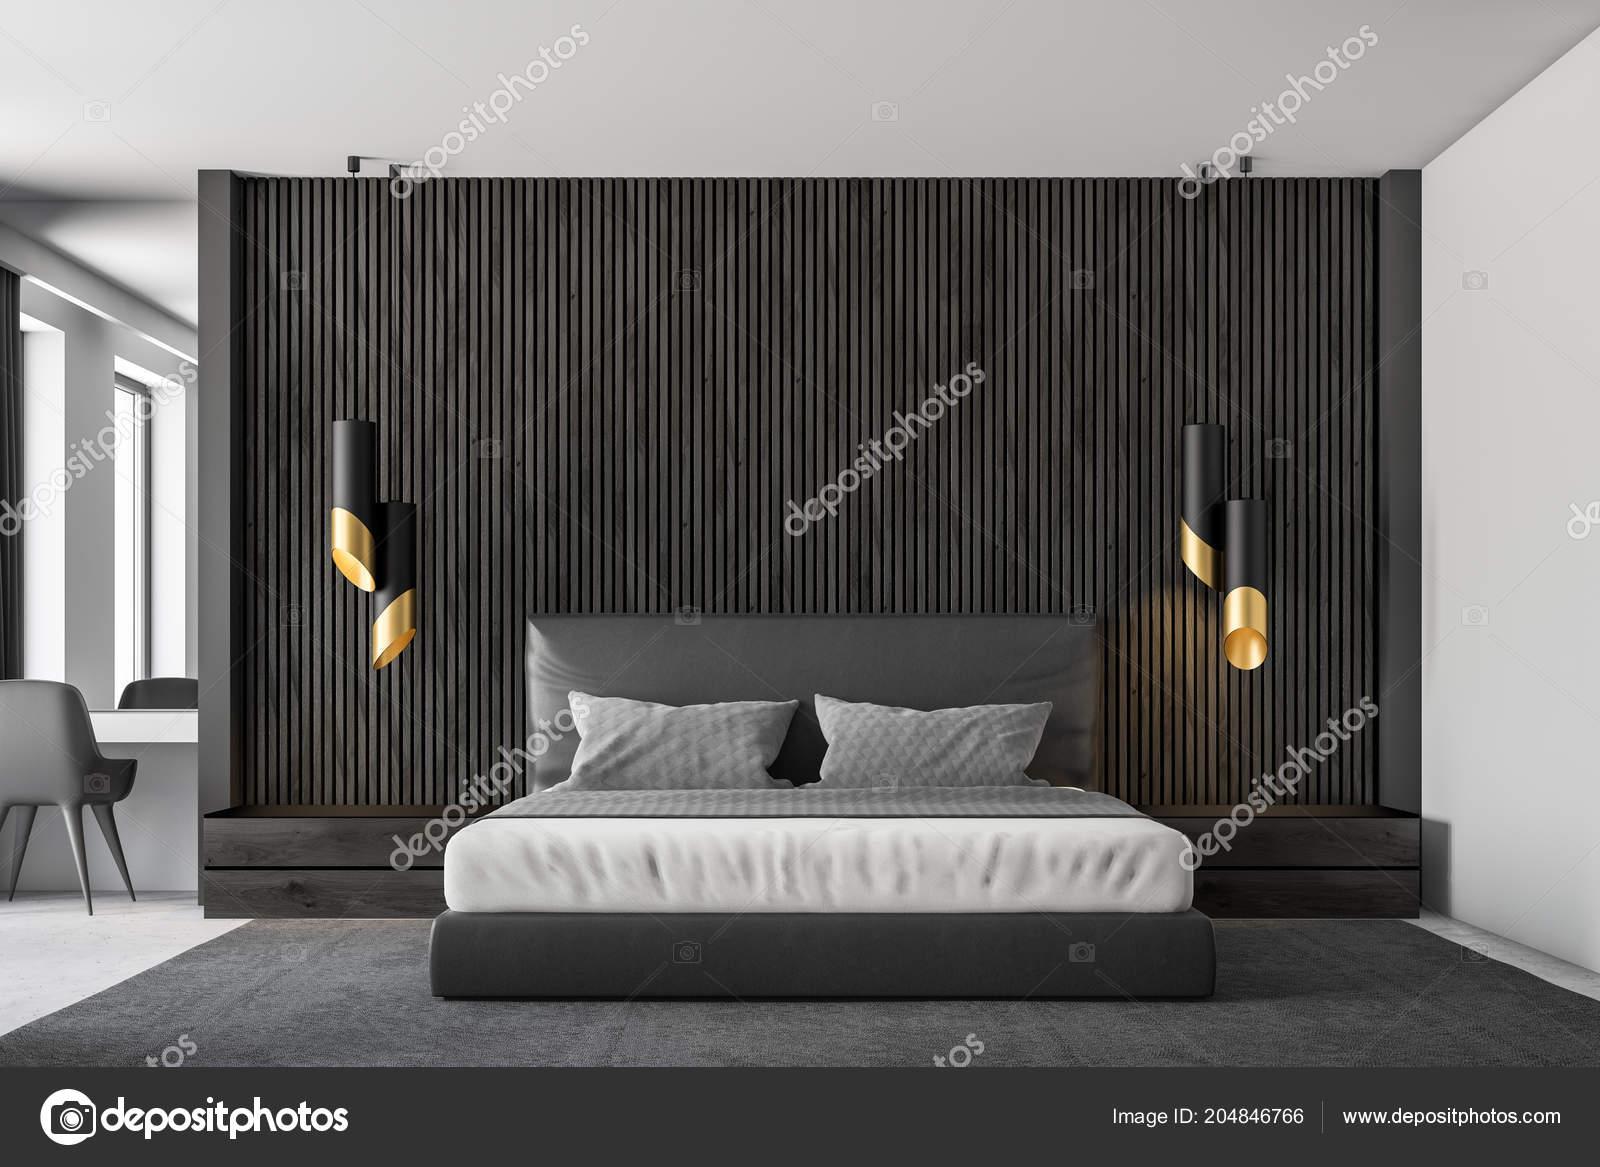 Beau Intérieur Chambre Coucher Principale Des Murs Bois Noir Avec Plancher U2014  Photo